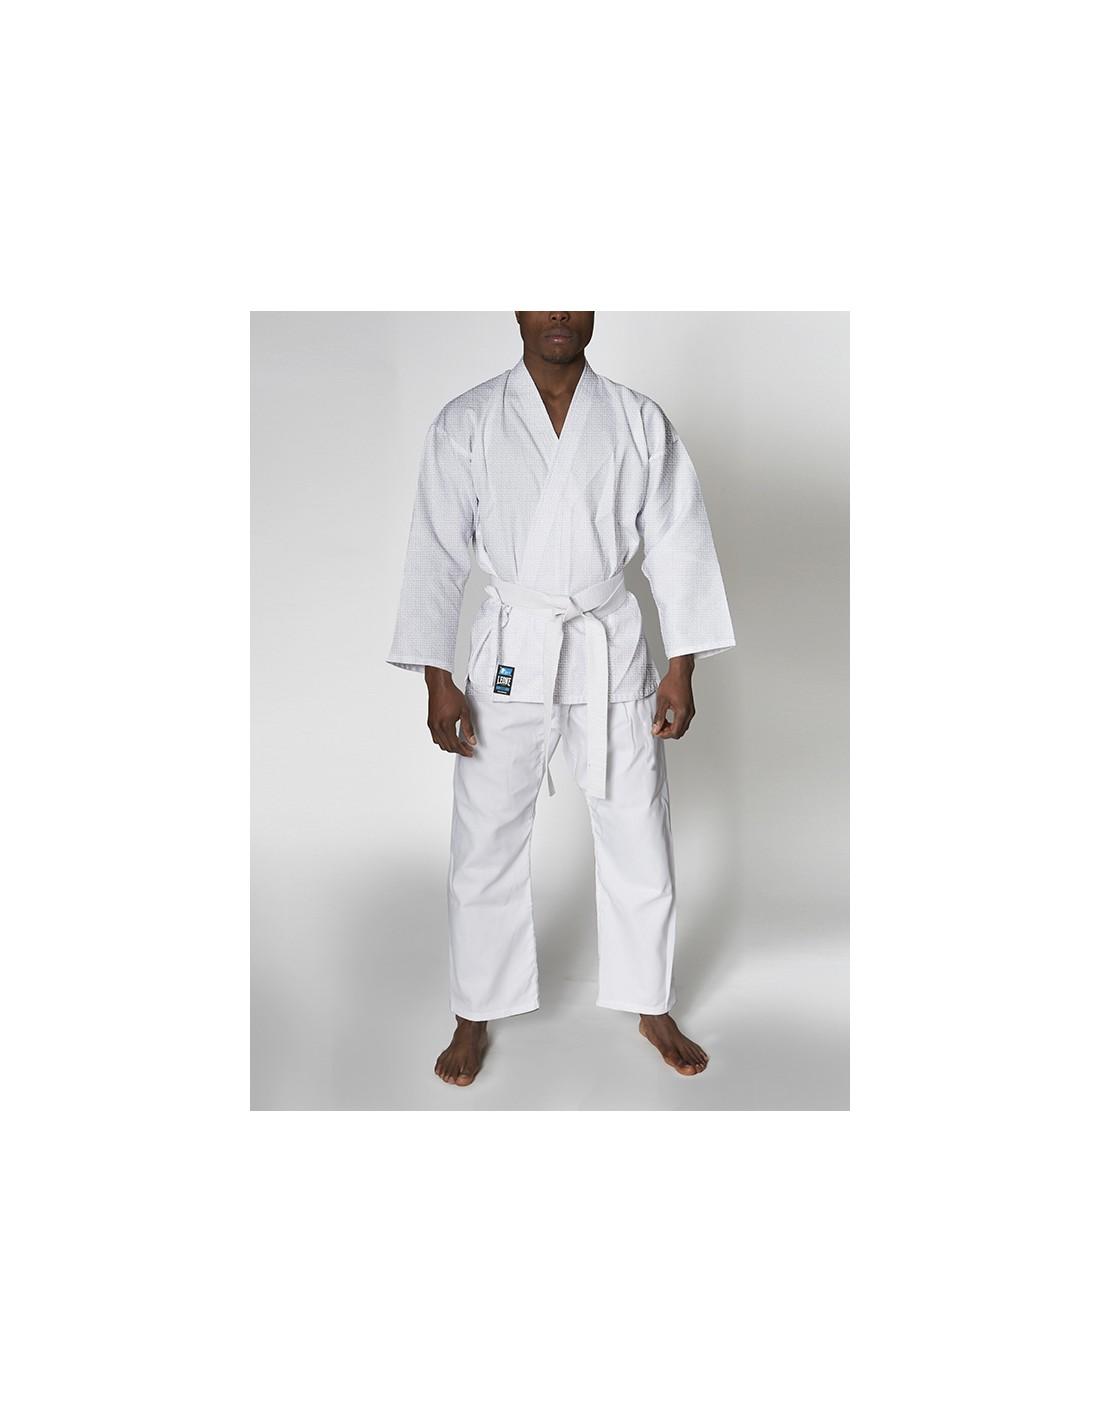 Leone1947 Judo Anzug im schweizer Onlineshop kaufen Farbe Weiß Grösse 110 cm